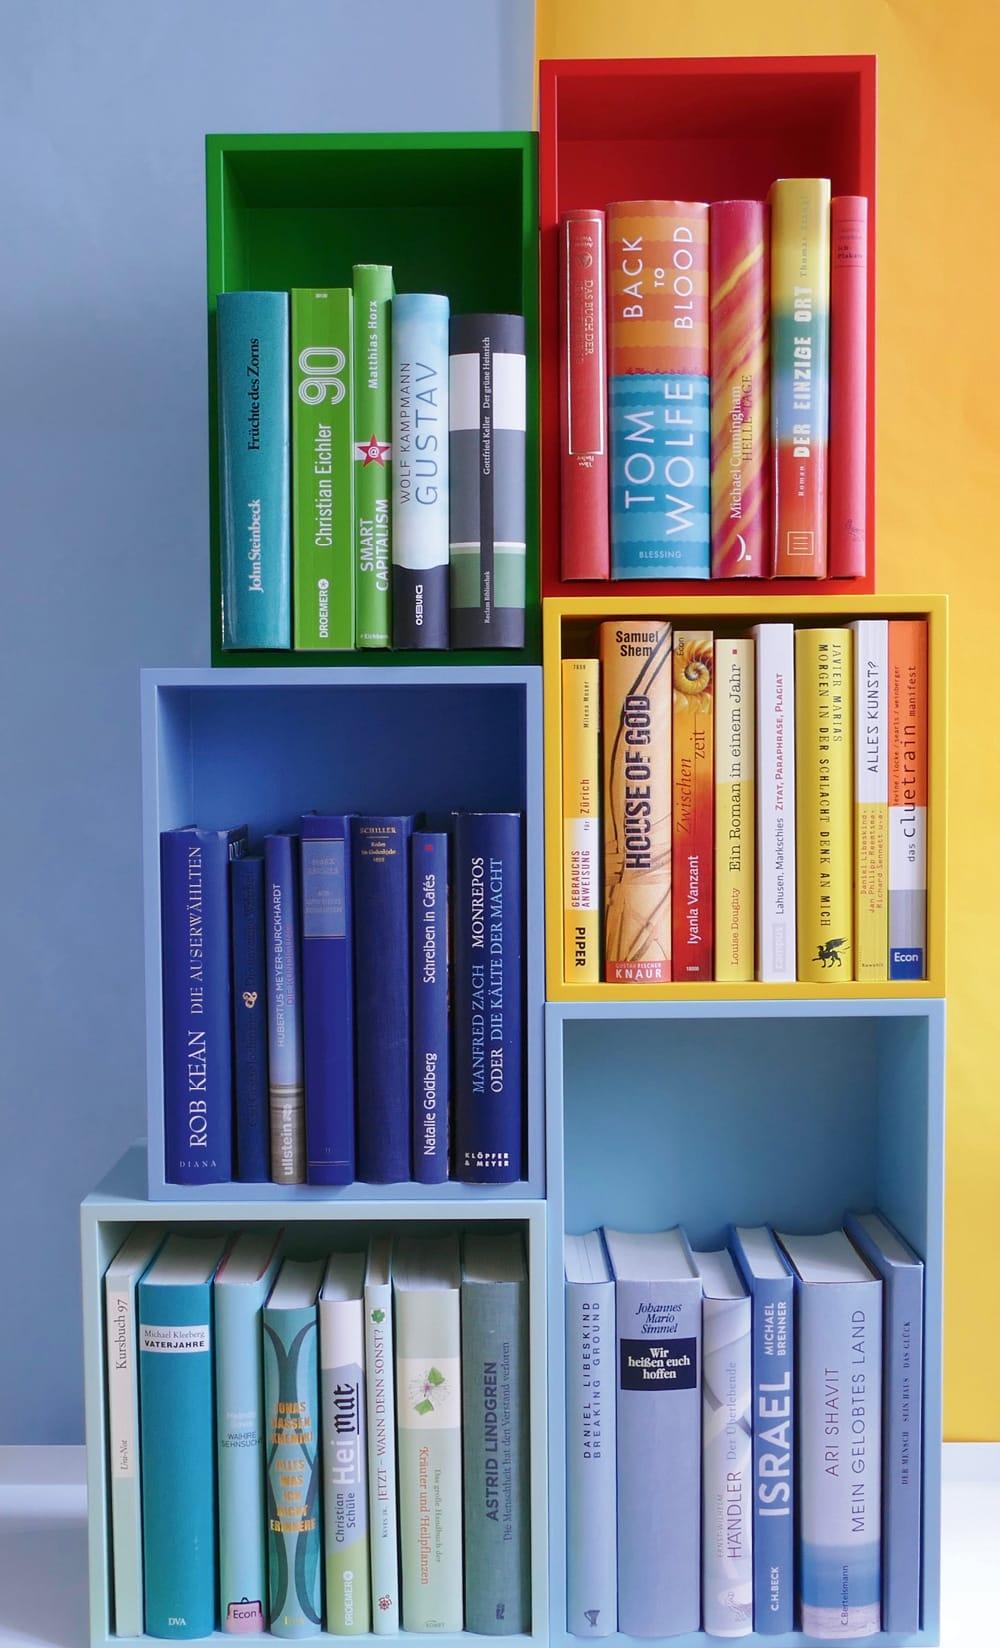 Nach Farben geordnete Bücher in gleichfarbigen Regalen